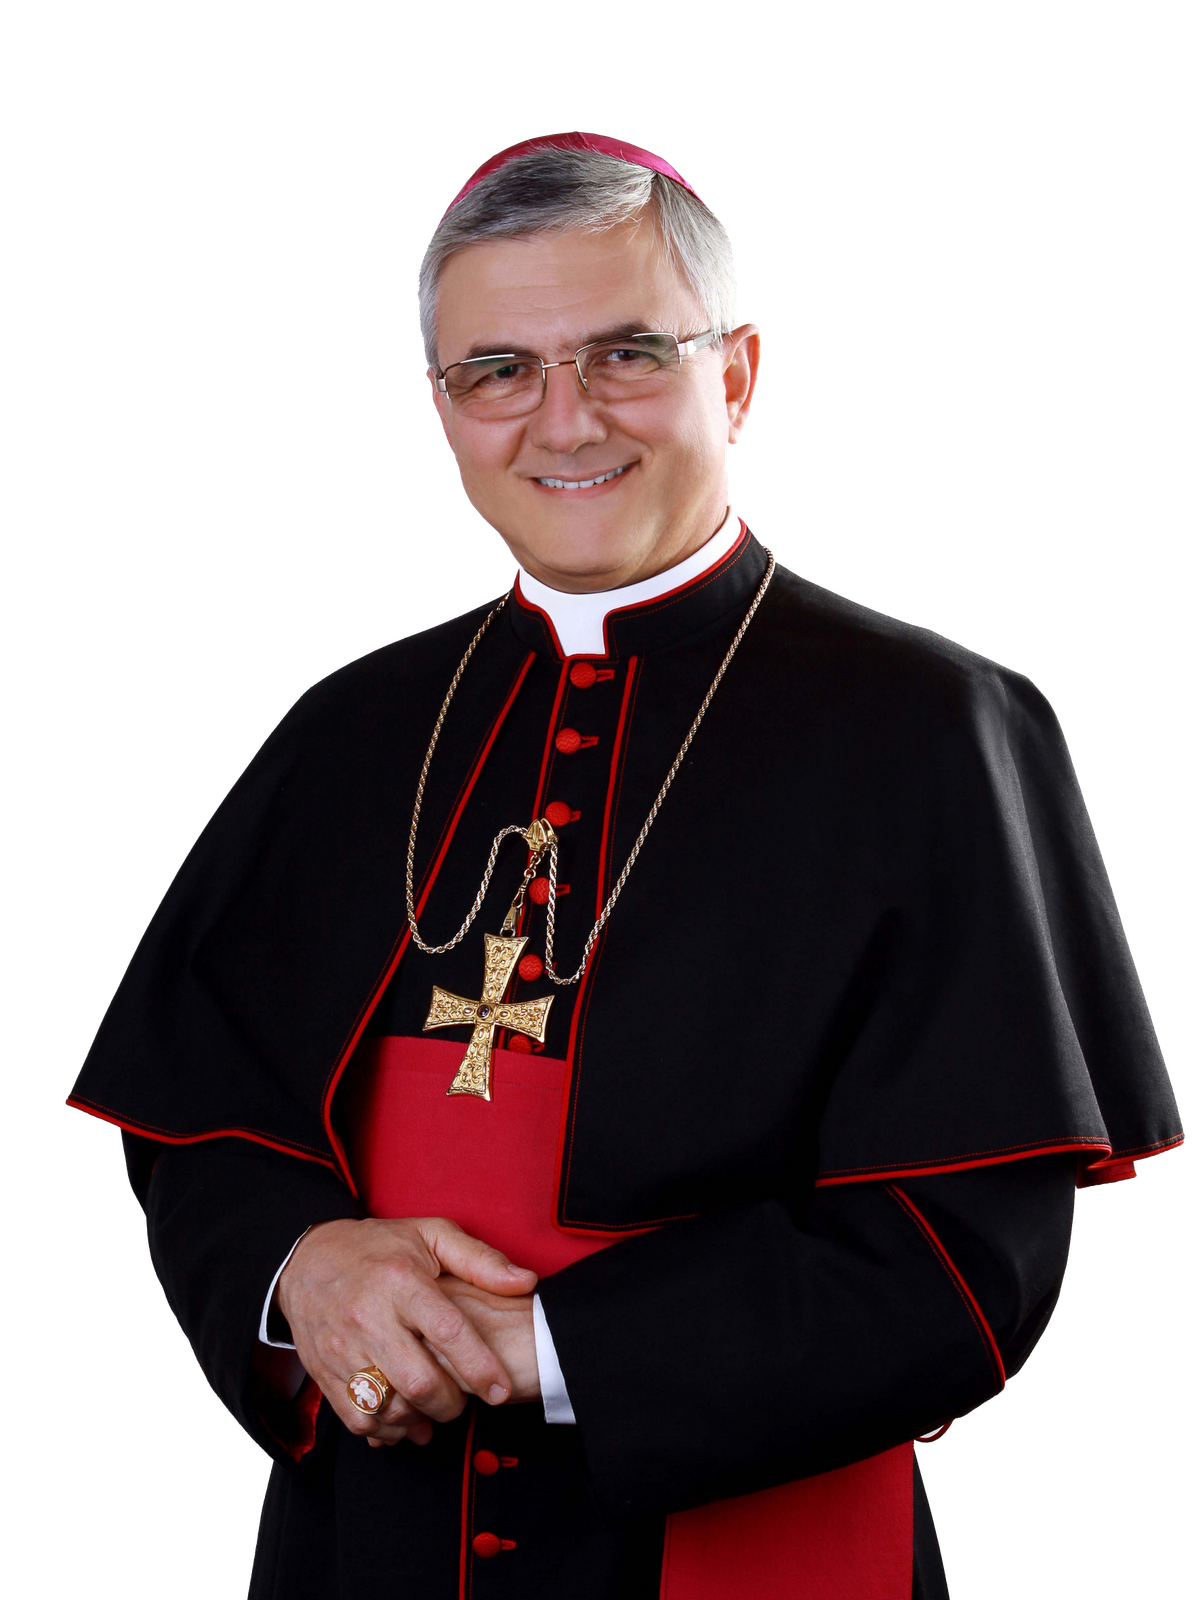 Sua Excelência Reverendíssima Dom Edney Gouvêa Mattoso